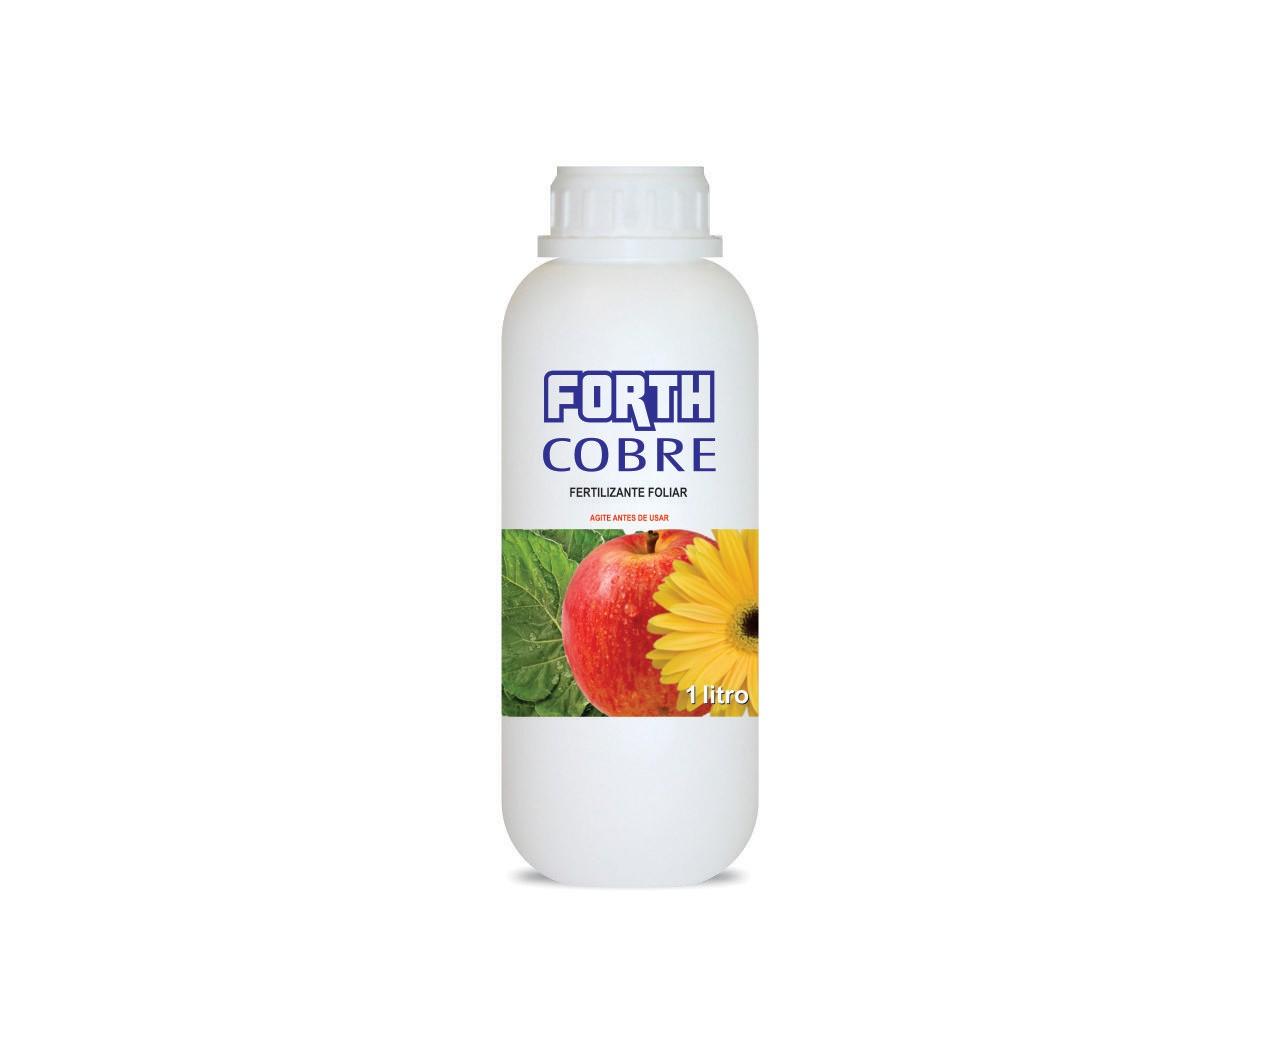 Fertilizante FORTH Cobre Liquido 1L